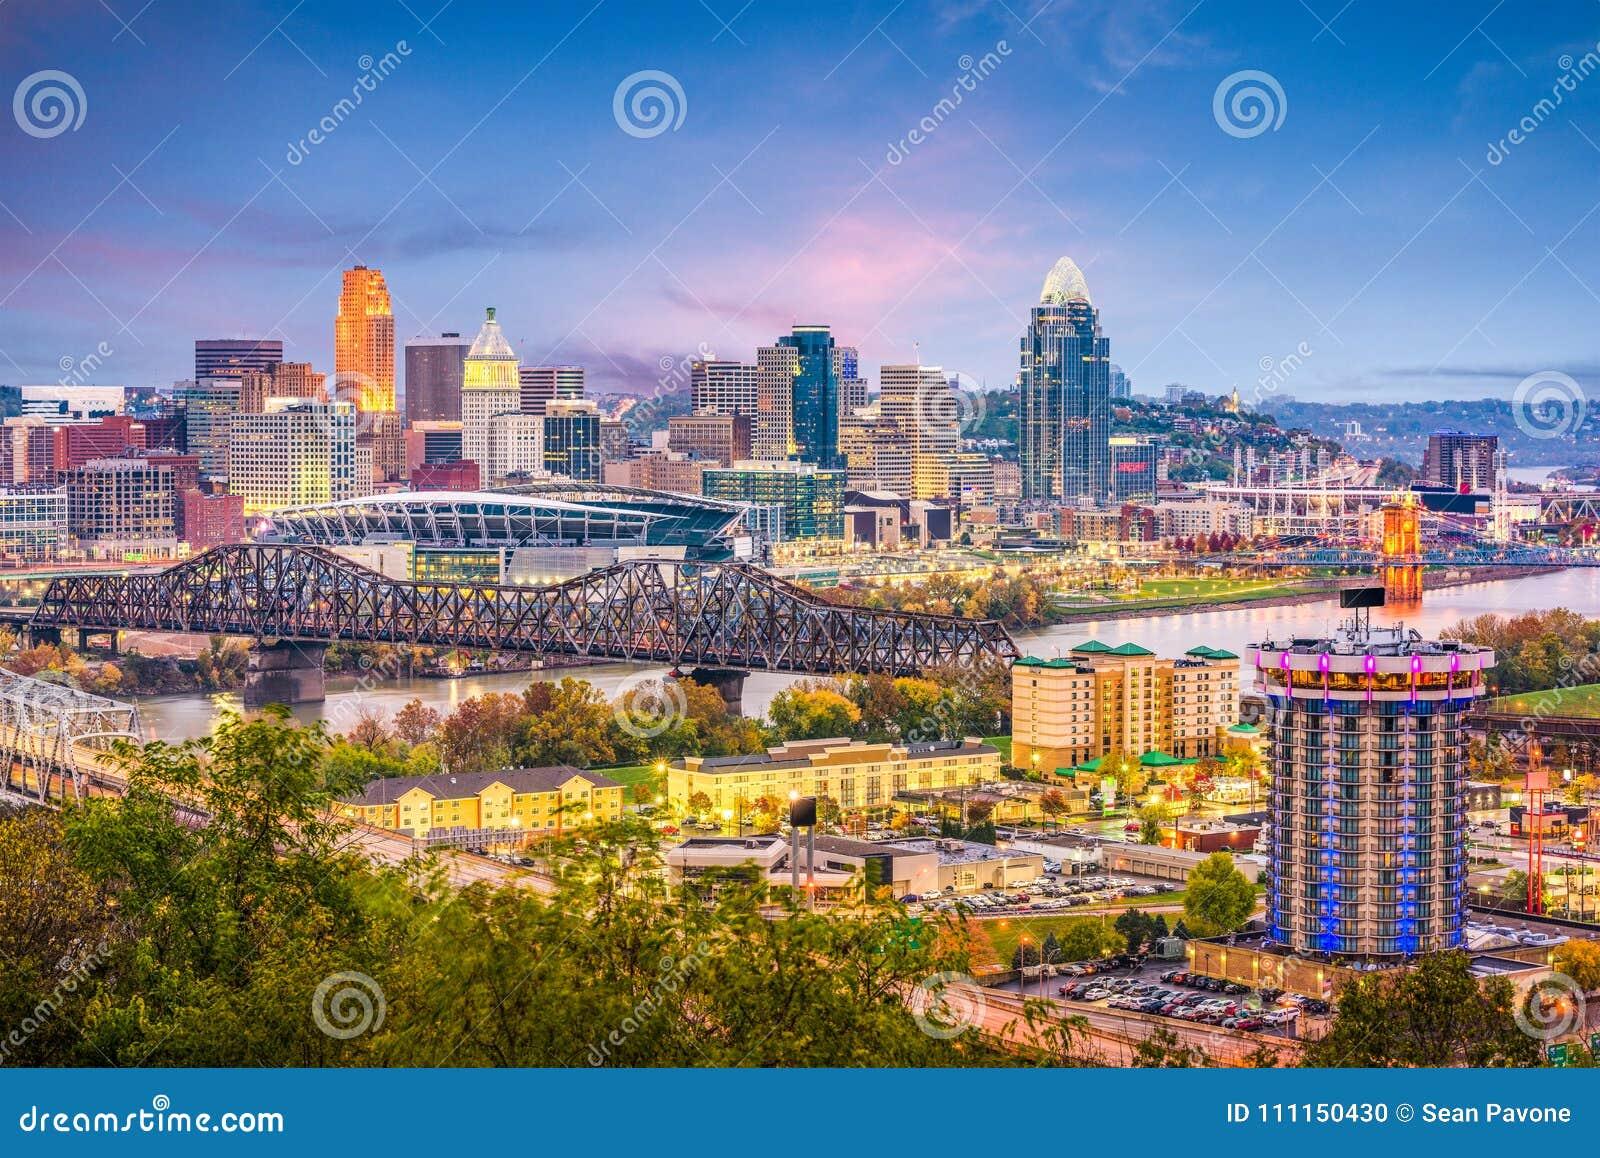 Skyline de Cincinnati, Ohio, EUA